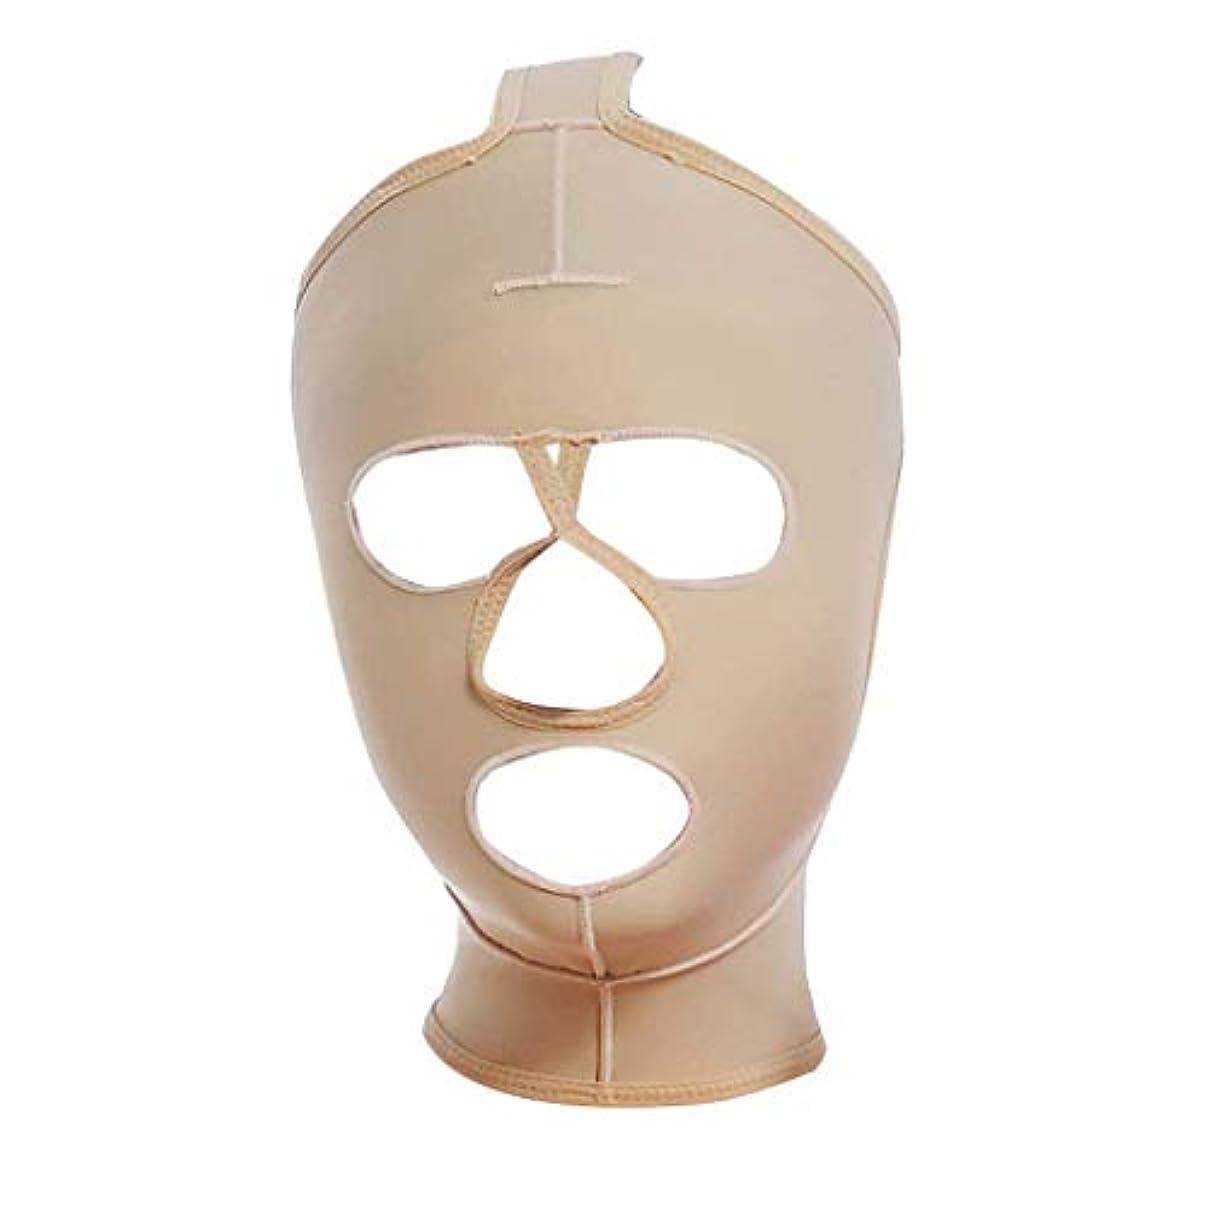 栄光のチャンピオンシップ光のフェイス&ネックリフト、減量フェイスマスク脂肪吸引術脂肪吸引術整形マスクフードフェイスリフティングアーティファクトVフェイスビームフェイス弾性スリーブ(サイズ:XXL),L